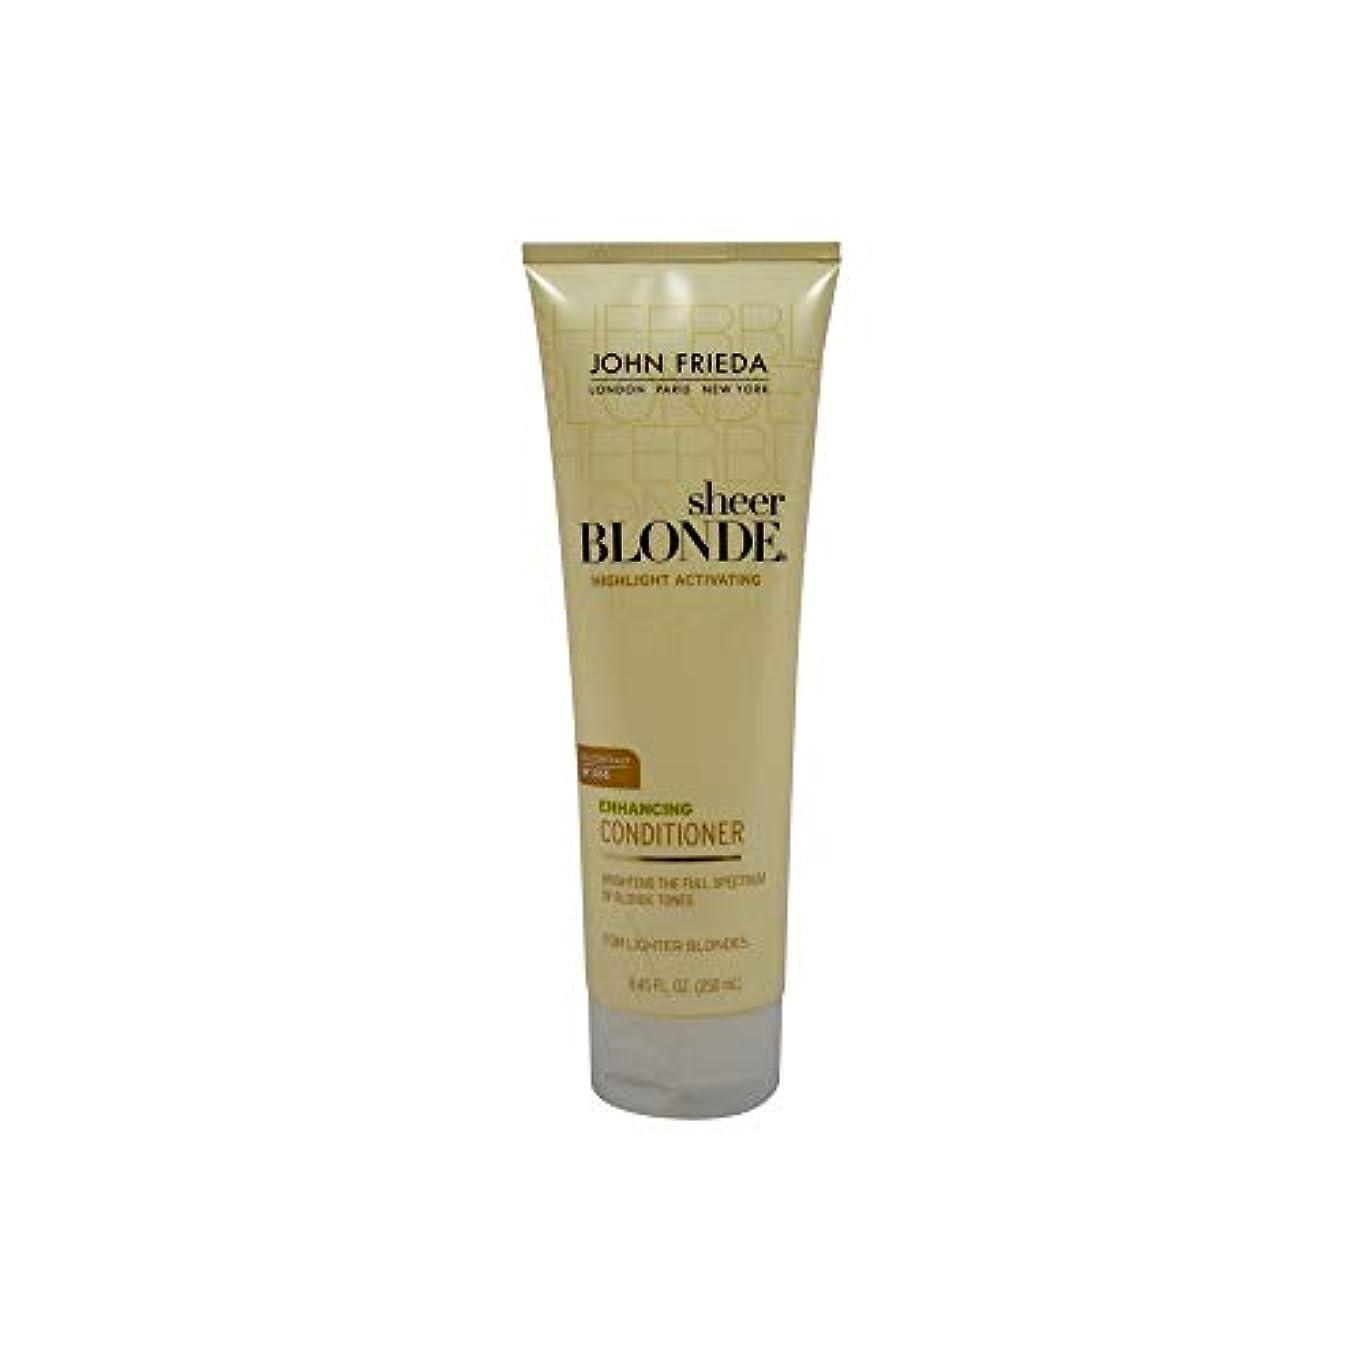 散文手錠趣味John Frieda Sheer Blonde Highlight Activating Enhancing Conditioner (For Lighter Blondes), 8.45 Oz by John Frieda